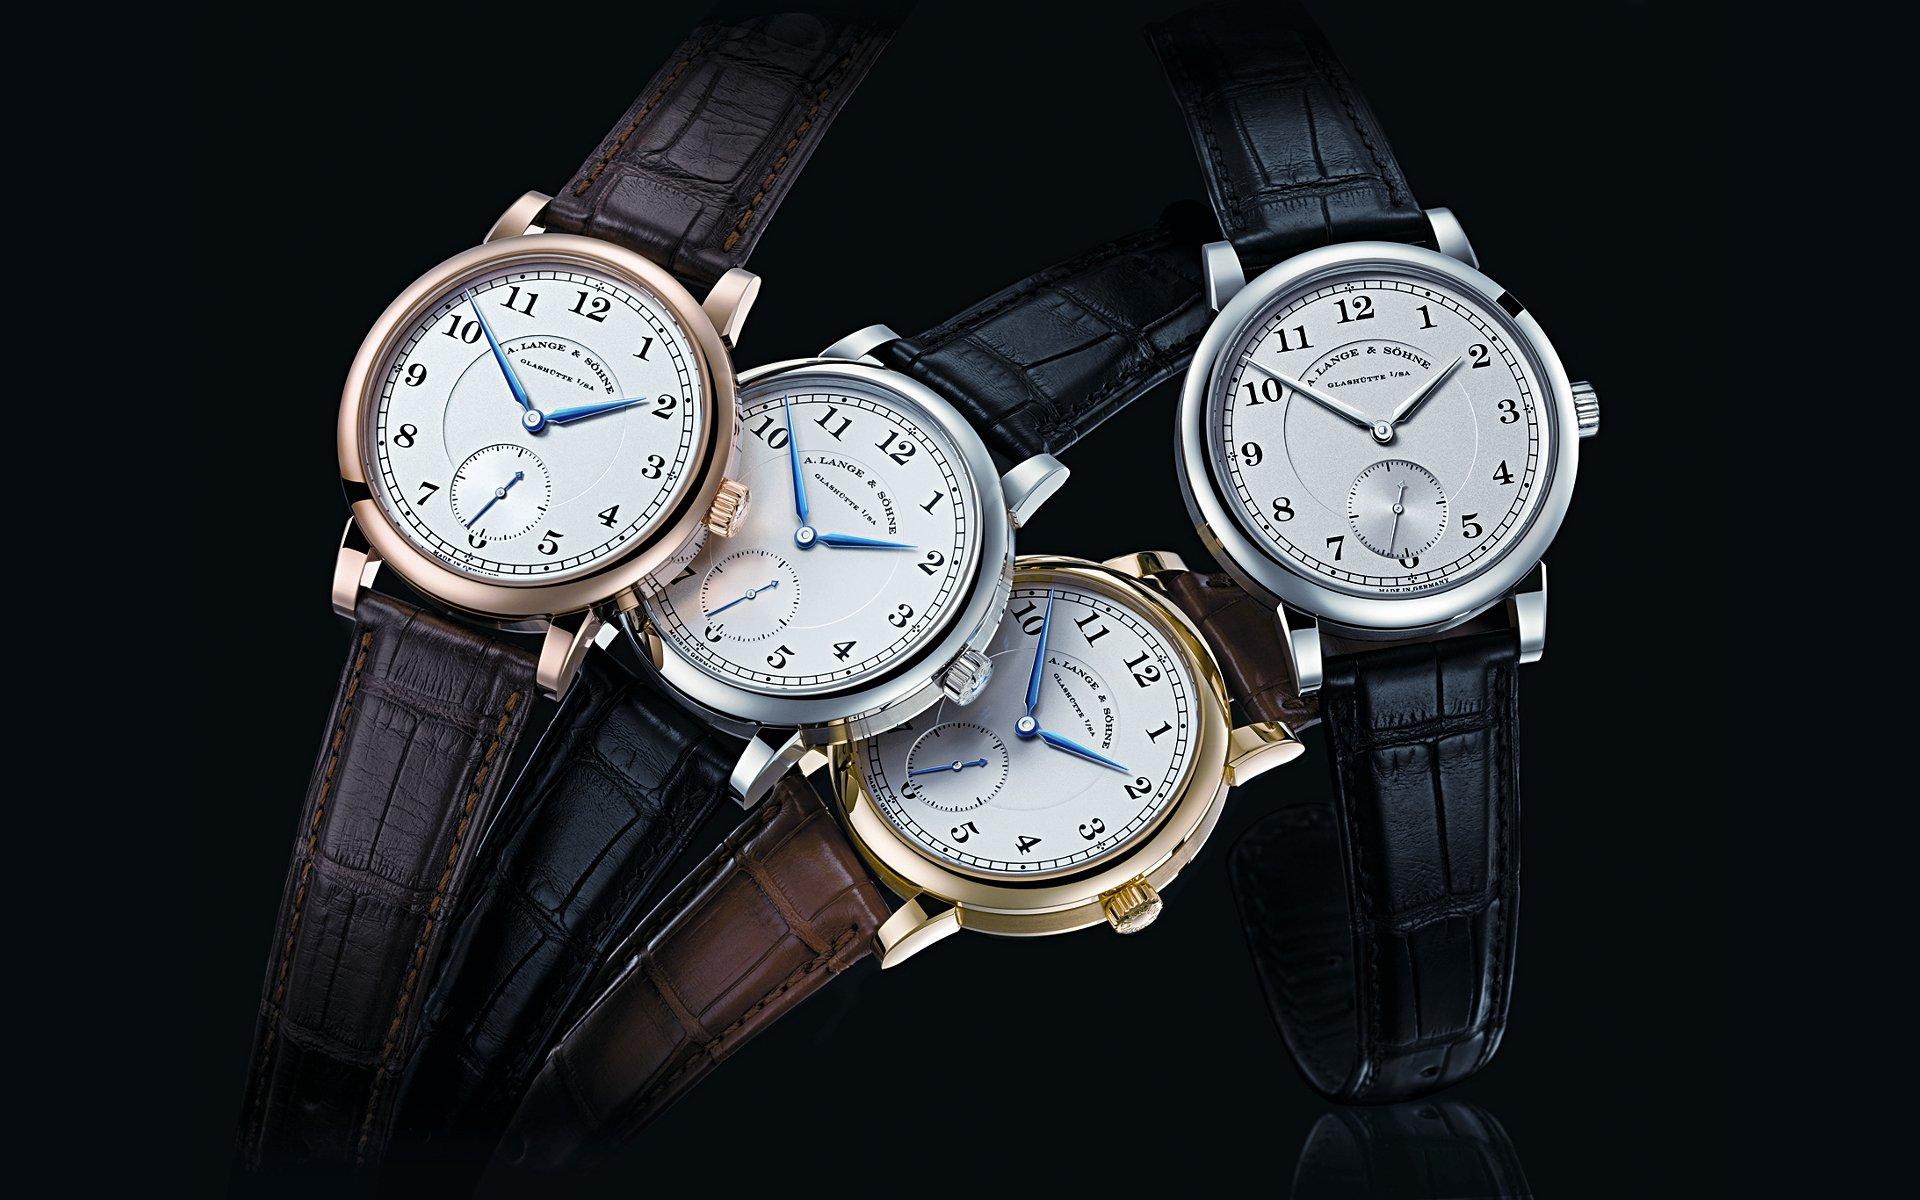 Кроме красоты и элегантности к достоинствам часов можно отнести и надежность швейцарского кварцевого часового механизма, разработанного frederic piguet.